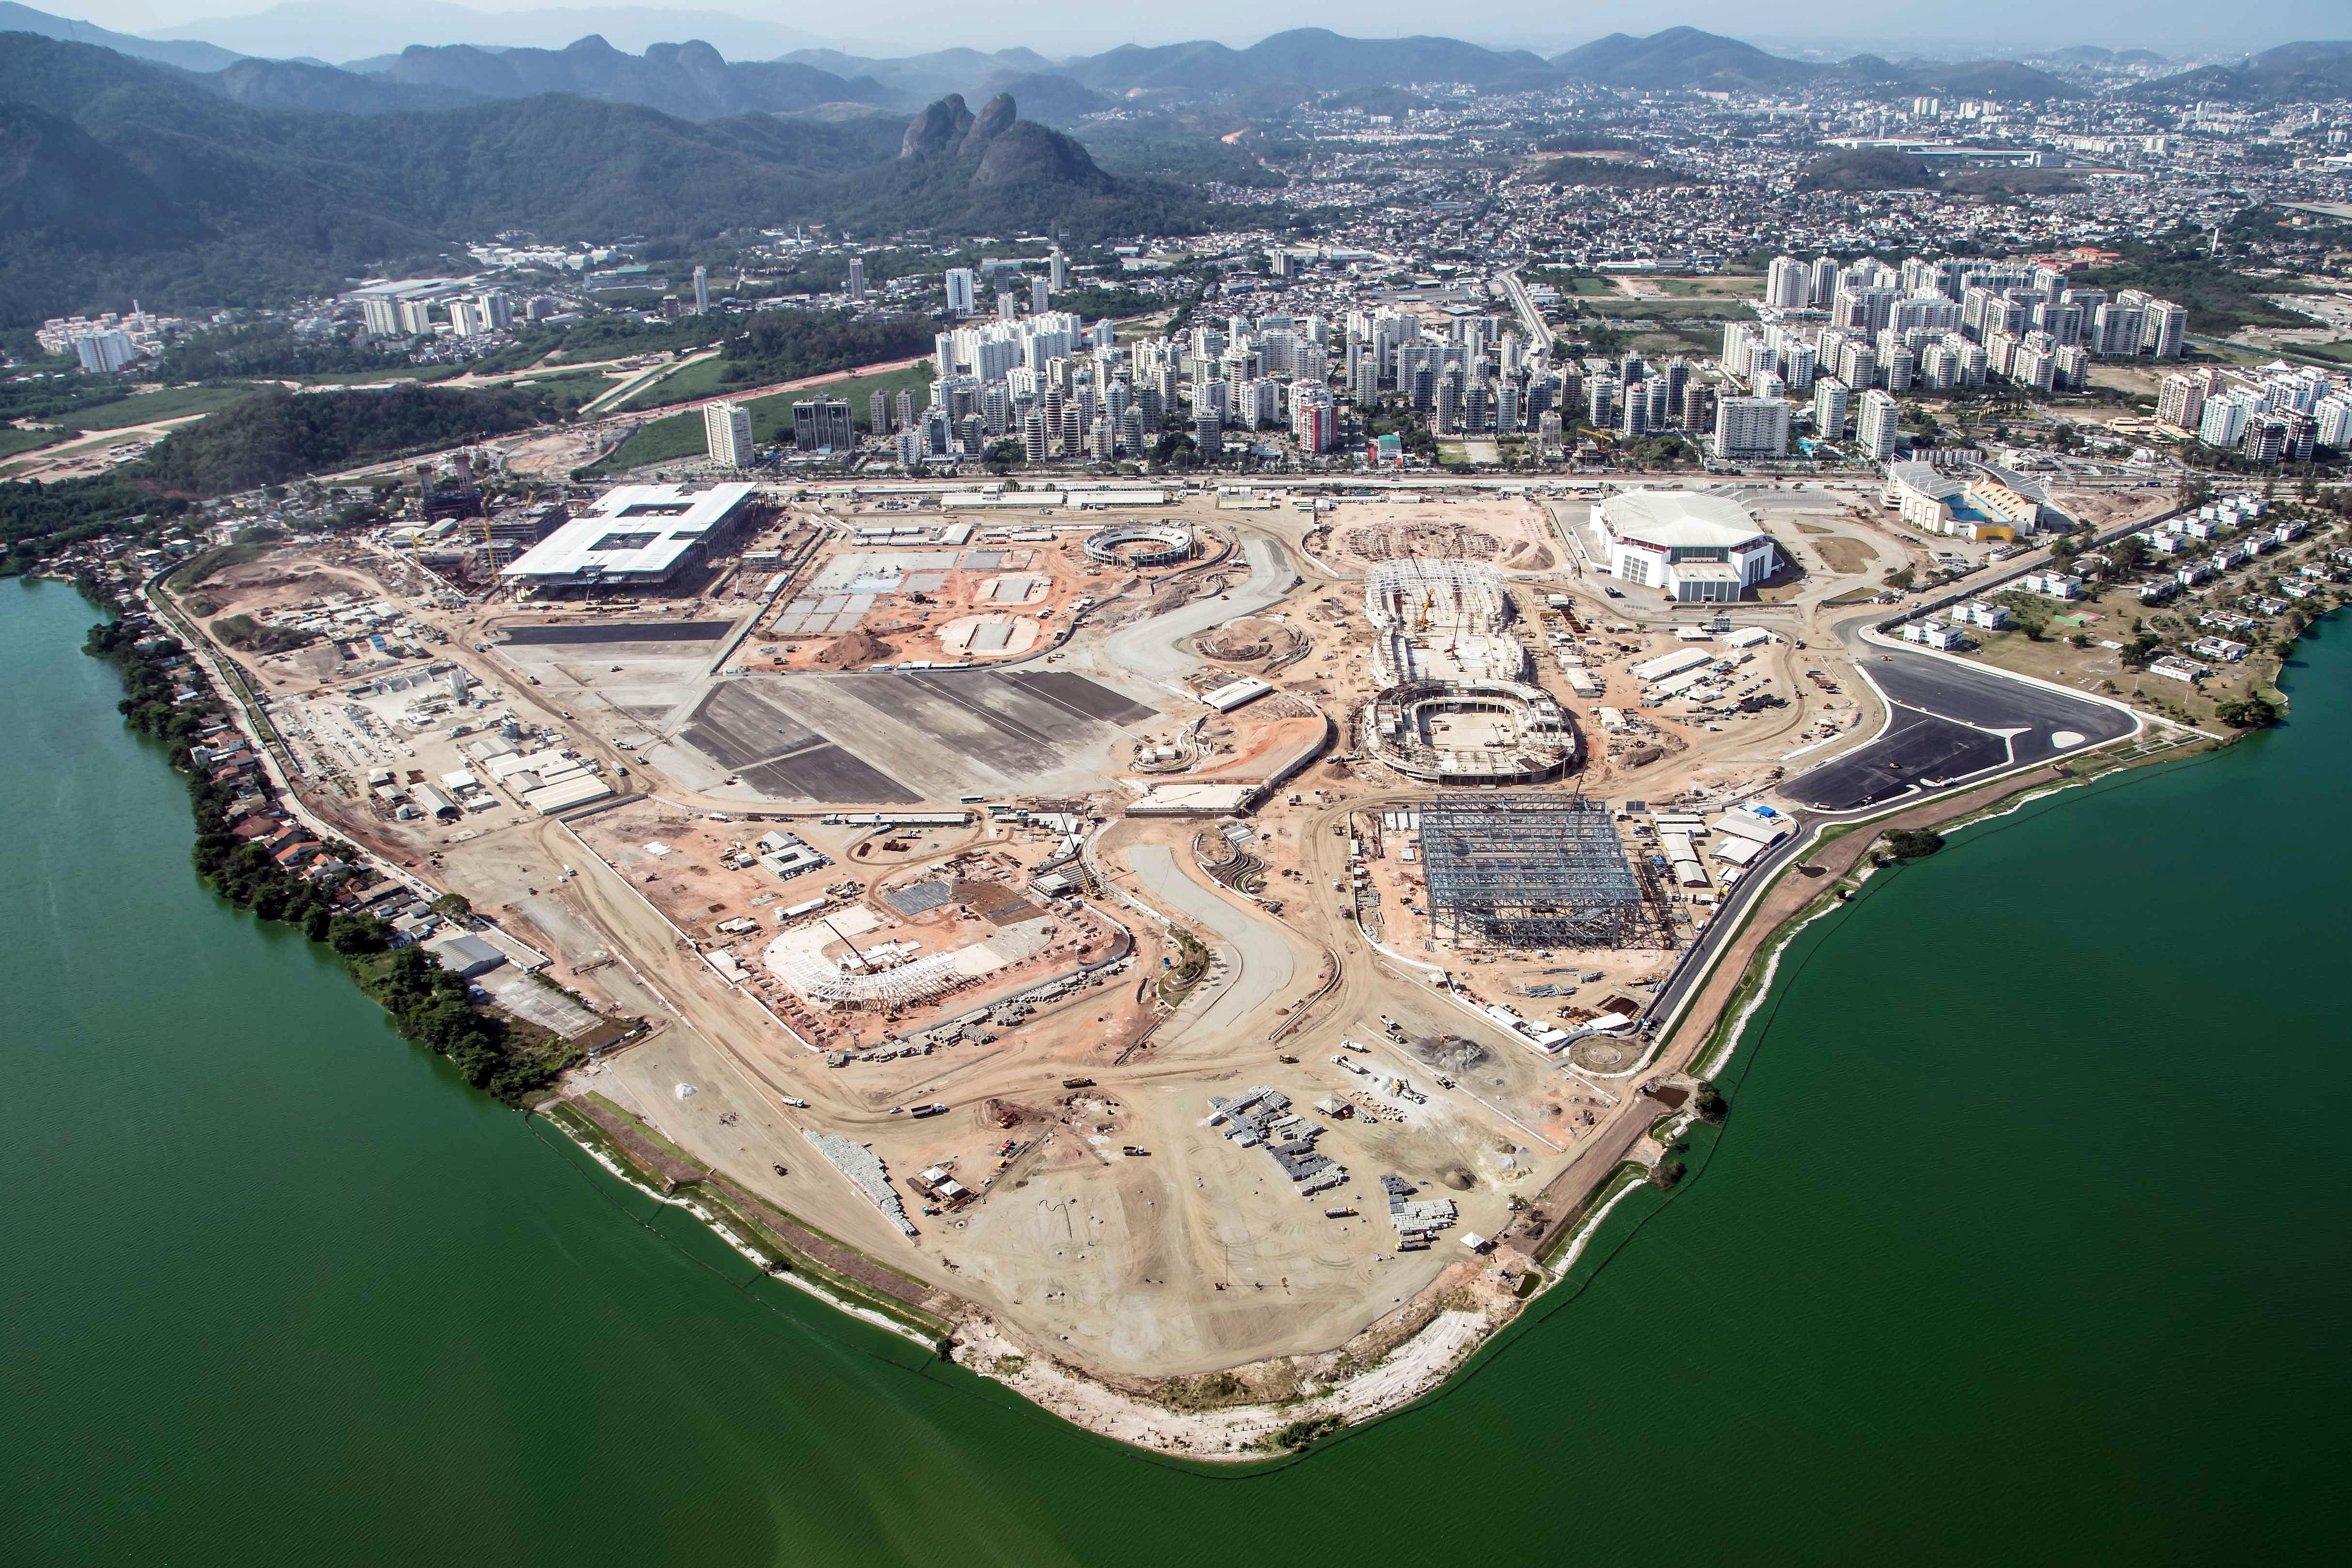 Vista panorâmica do parque olímpico: obras mobilizam 4.500 trabalhadores